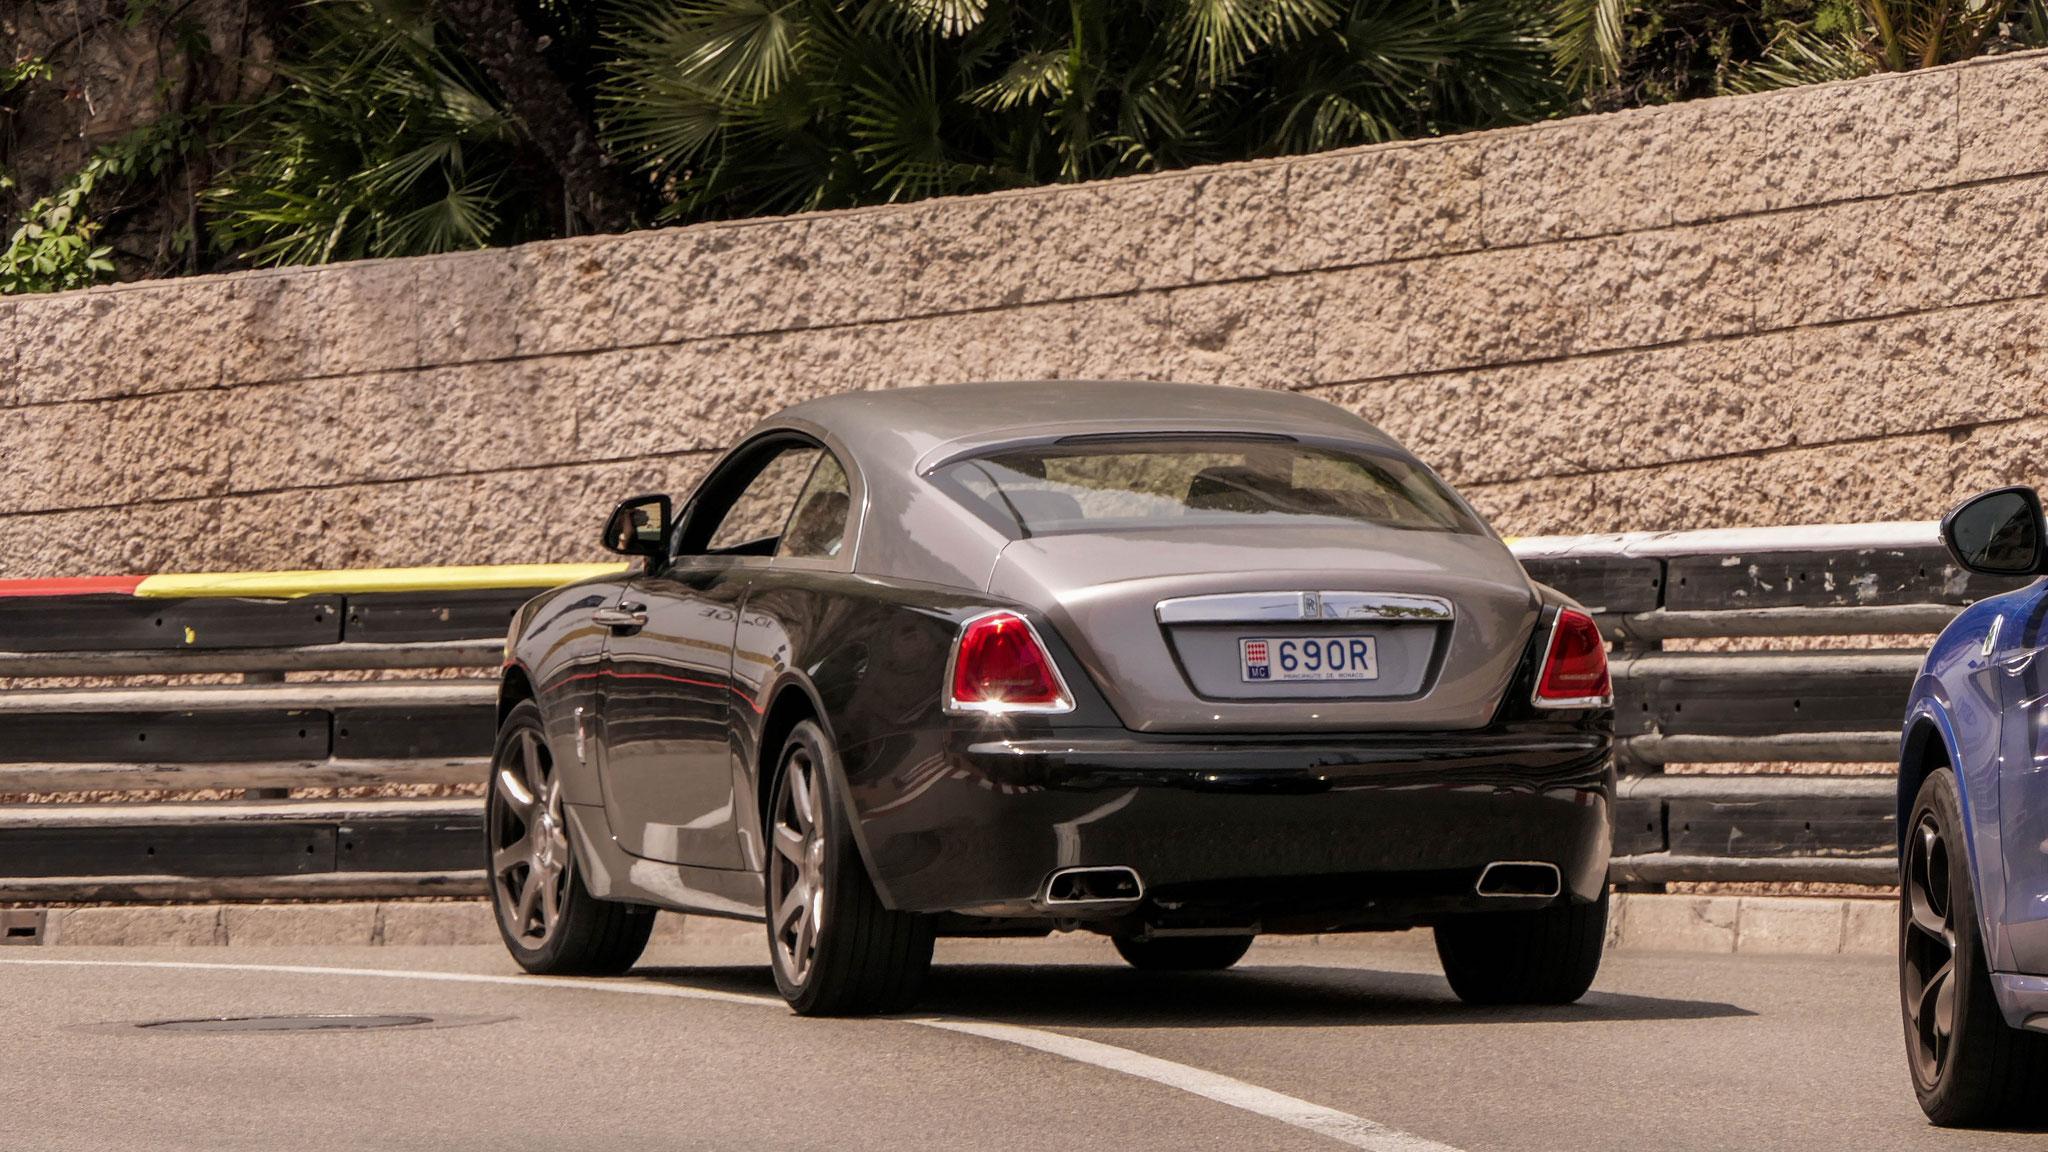 Rolls Royce Wraith - 690R (MC)